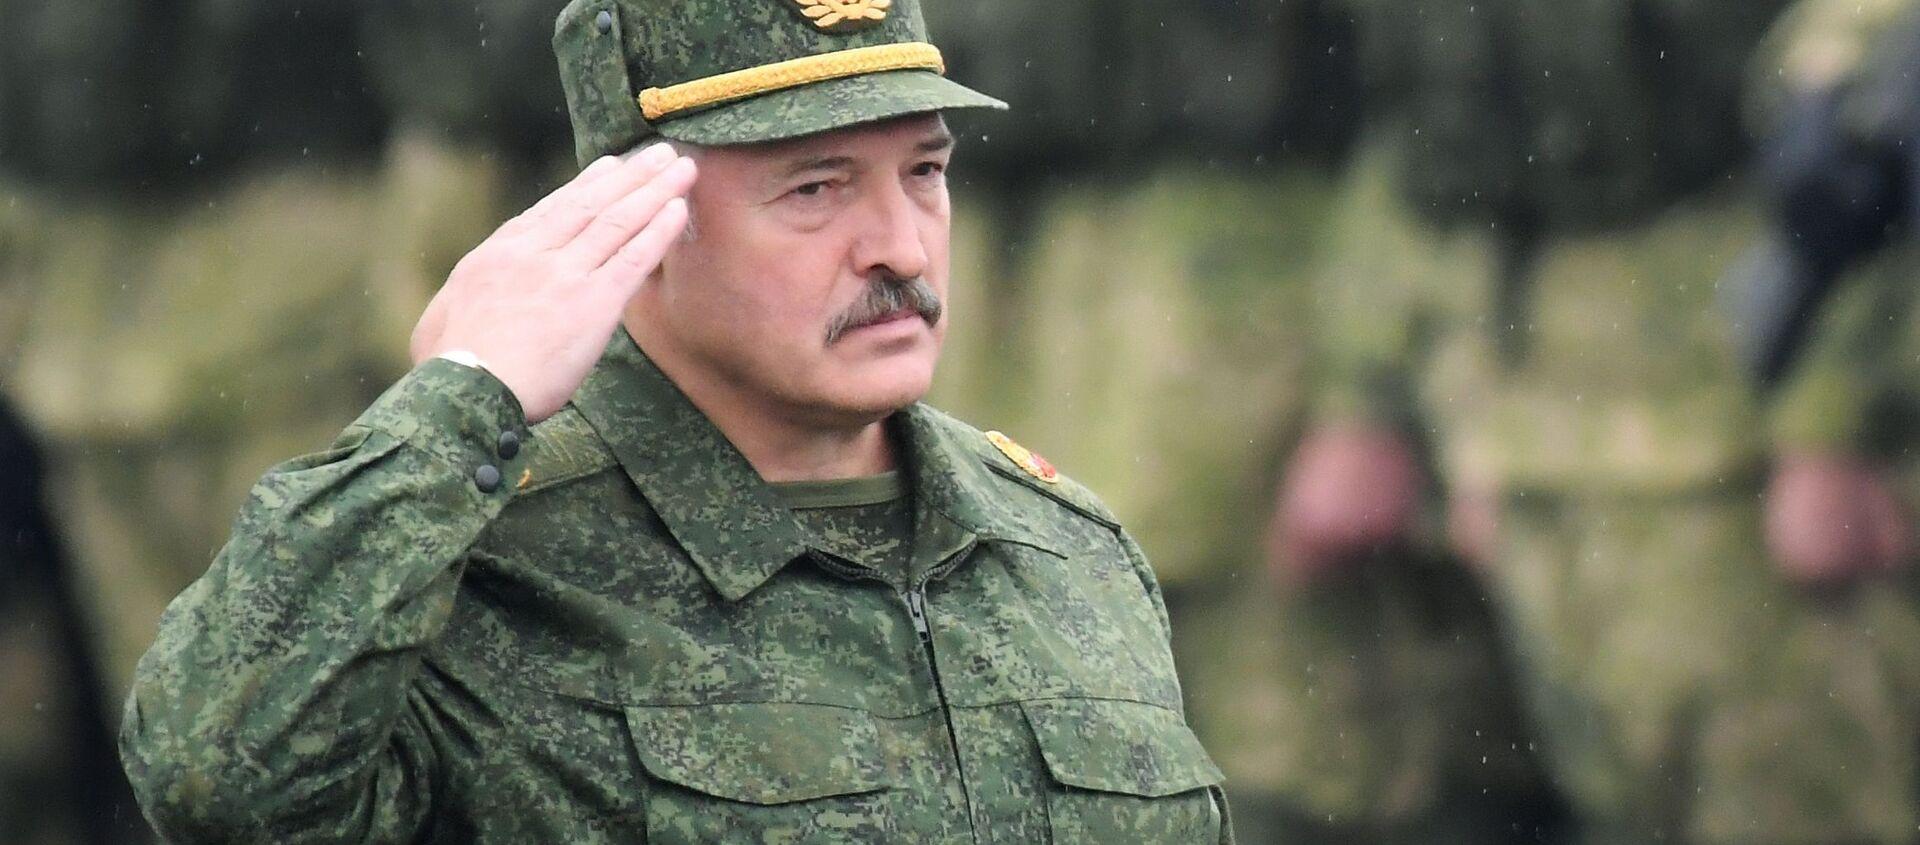 Tổng thống Belarus Alexander Lukashenko tại cuộc tập trận chiến lược chung của Belarus và Nga Phương Tây-2017 ở khu vực Minsk - Sputnik Việt Nam, 1920, 28.01.2021